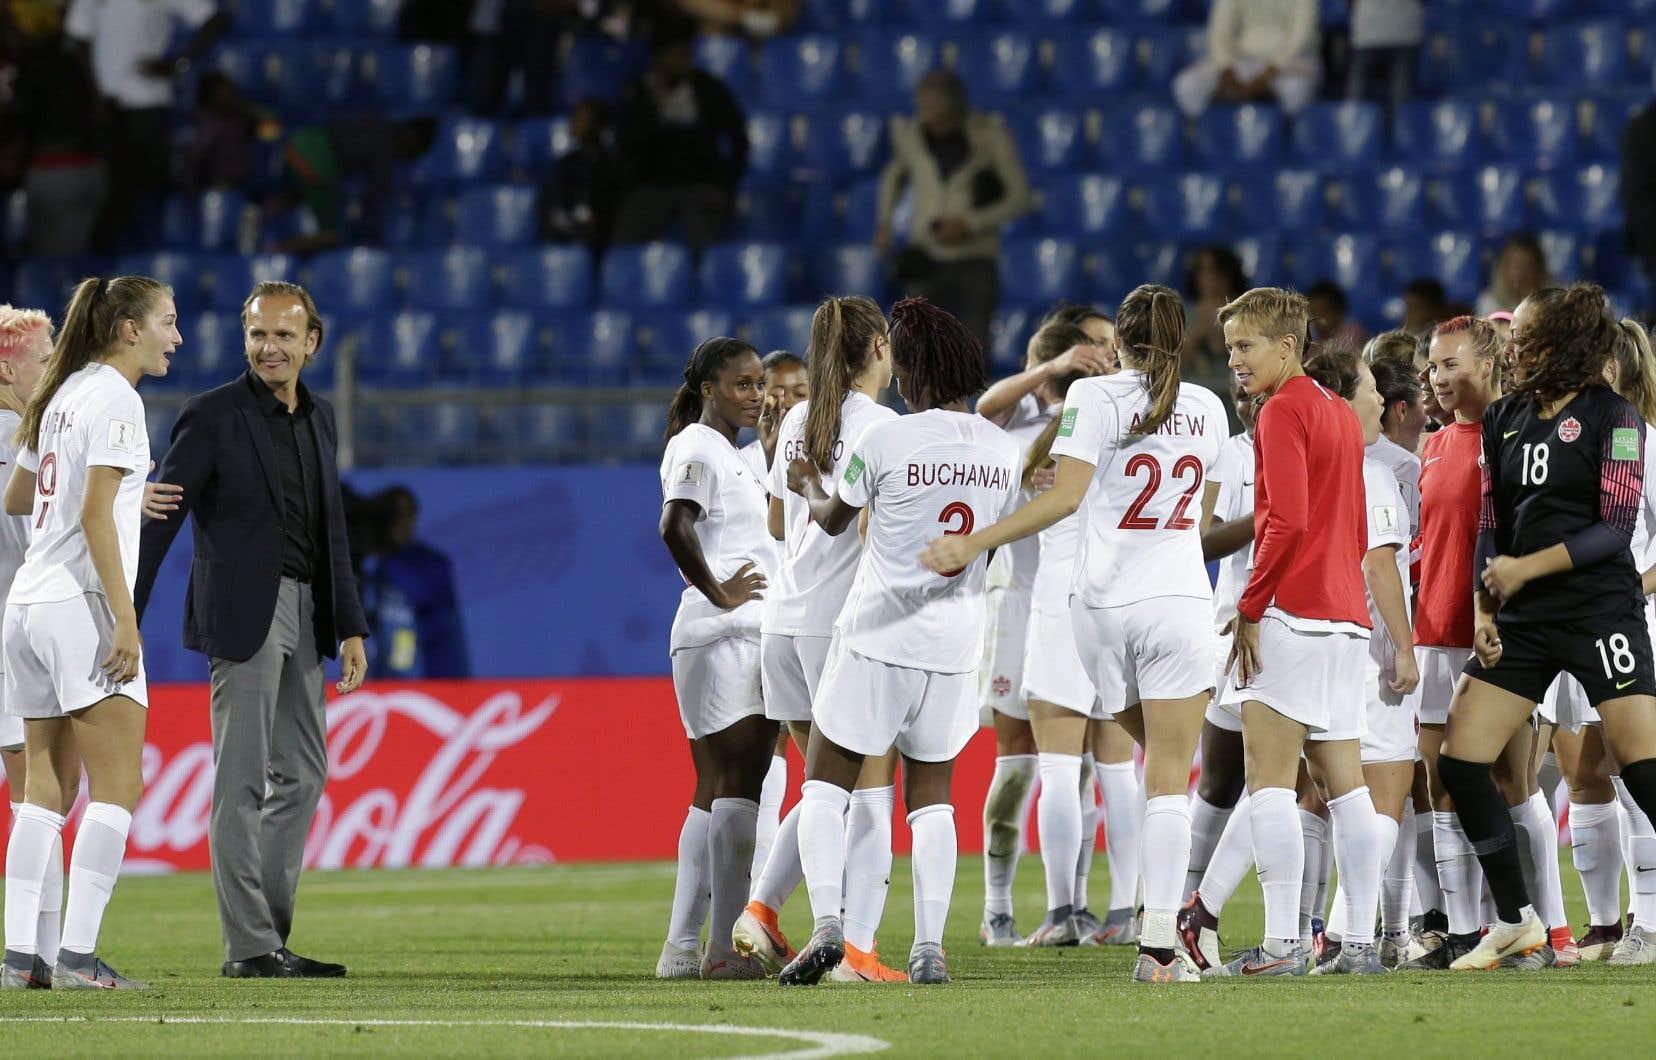 Le Canada n'a pas perdu contre les Pays-Bas en12 affrontements (et a signé une victoire de 2-1 lors de leur dernier duel, à Eindhoven, en 2016.